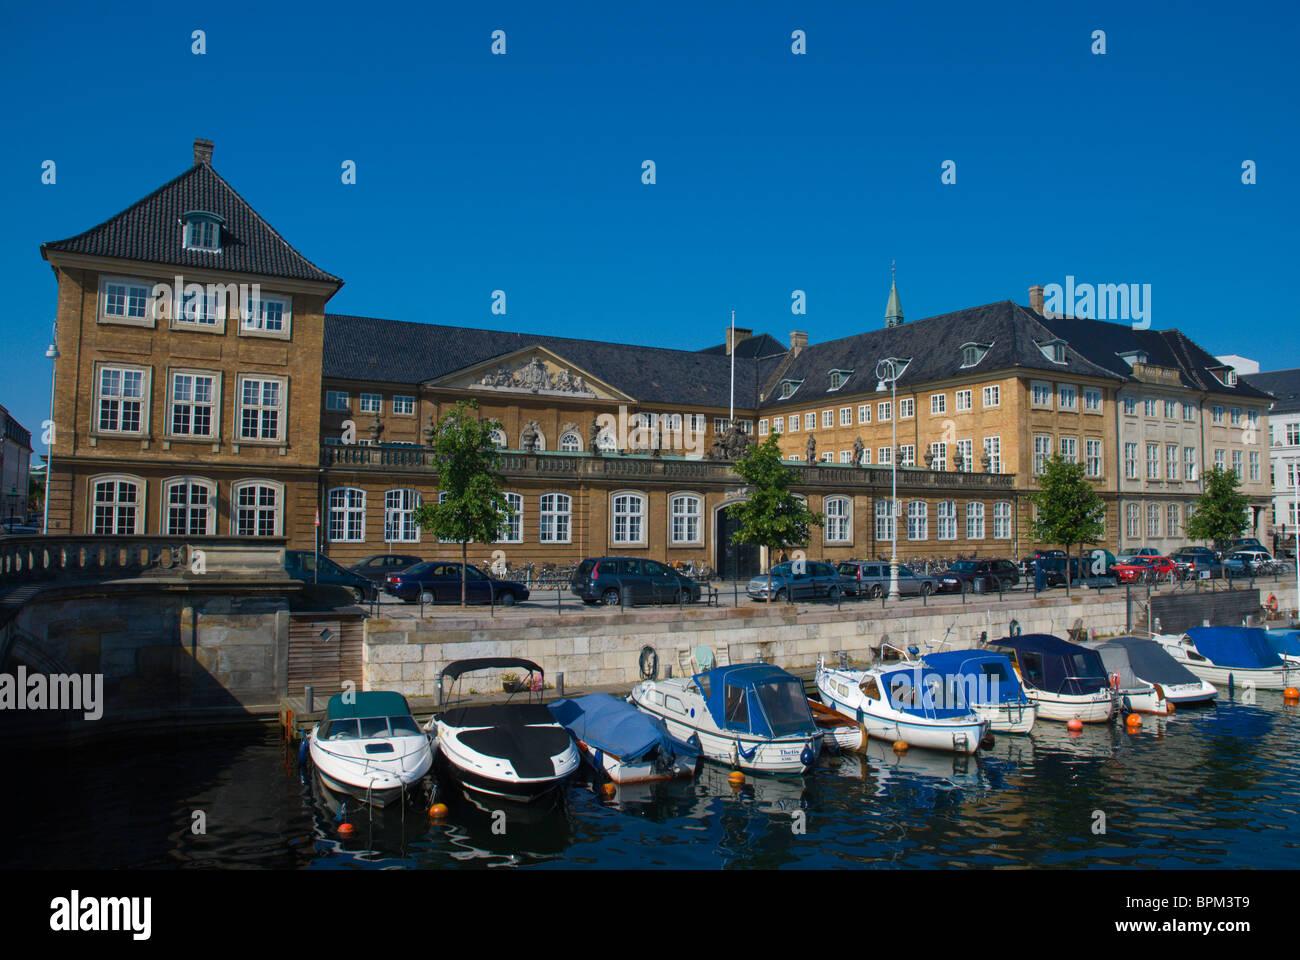 Parte posterior de Nationalmuseet Museo nacional a lo largo de un canal en la isla de Slotsholmen Frederiksholms Copenhague Dinamarca Europa central Foto de stock